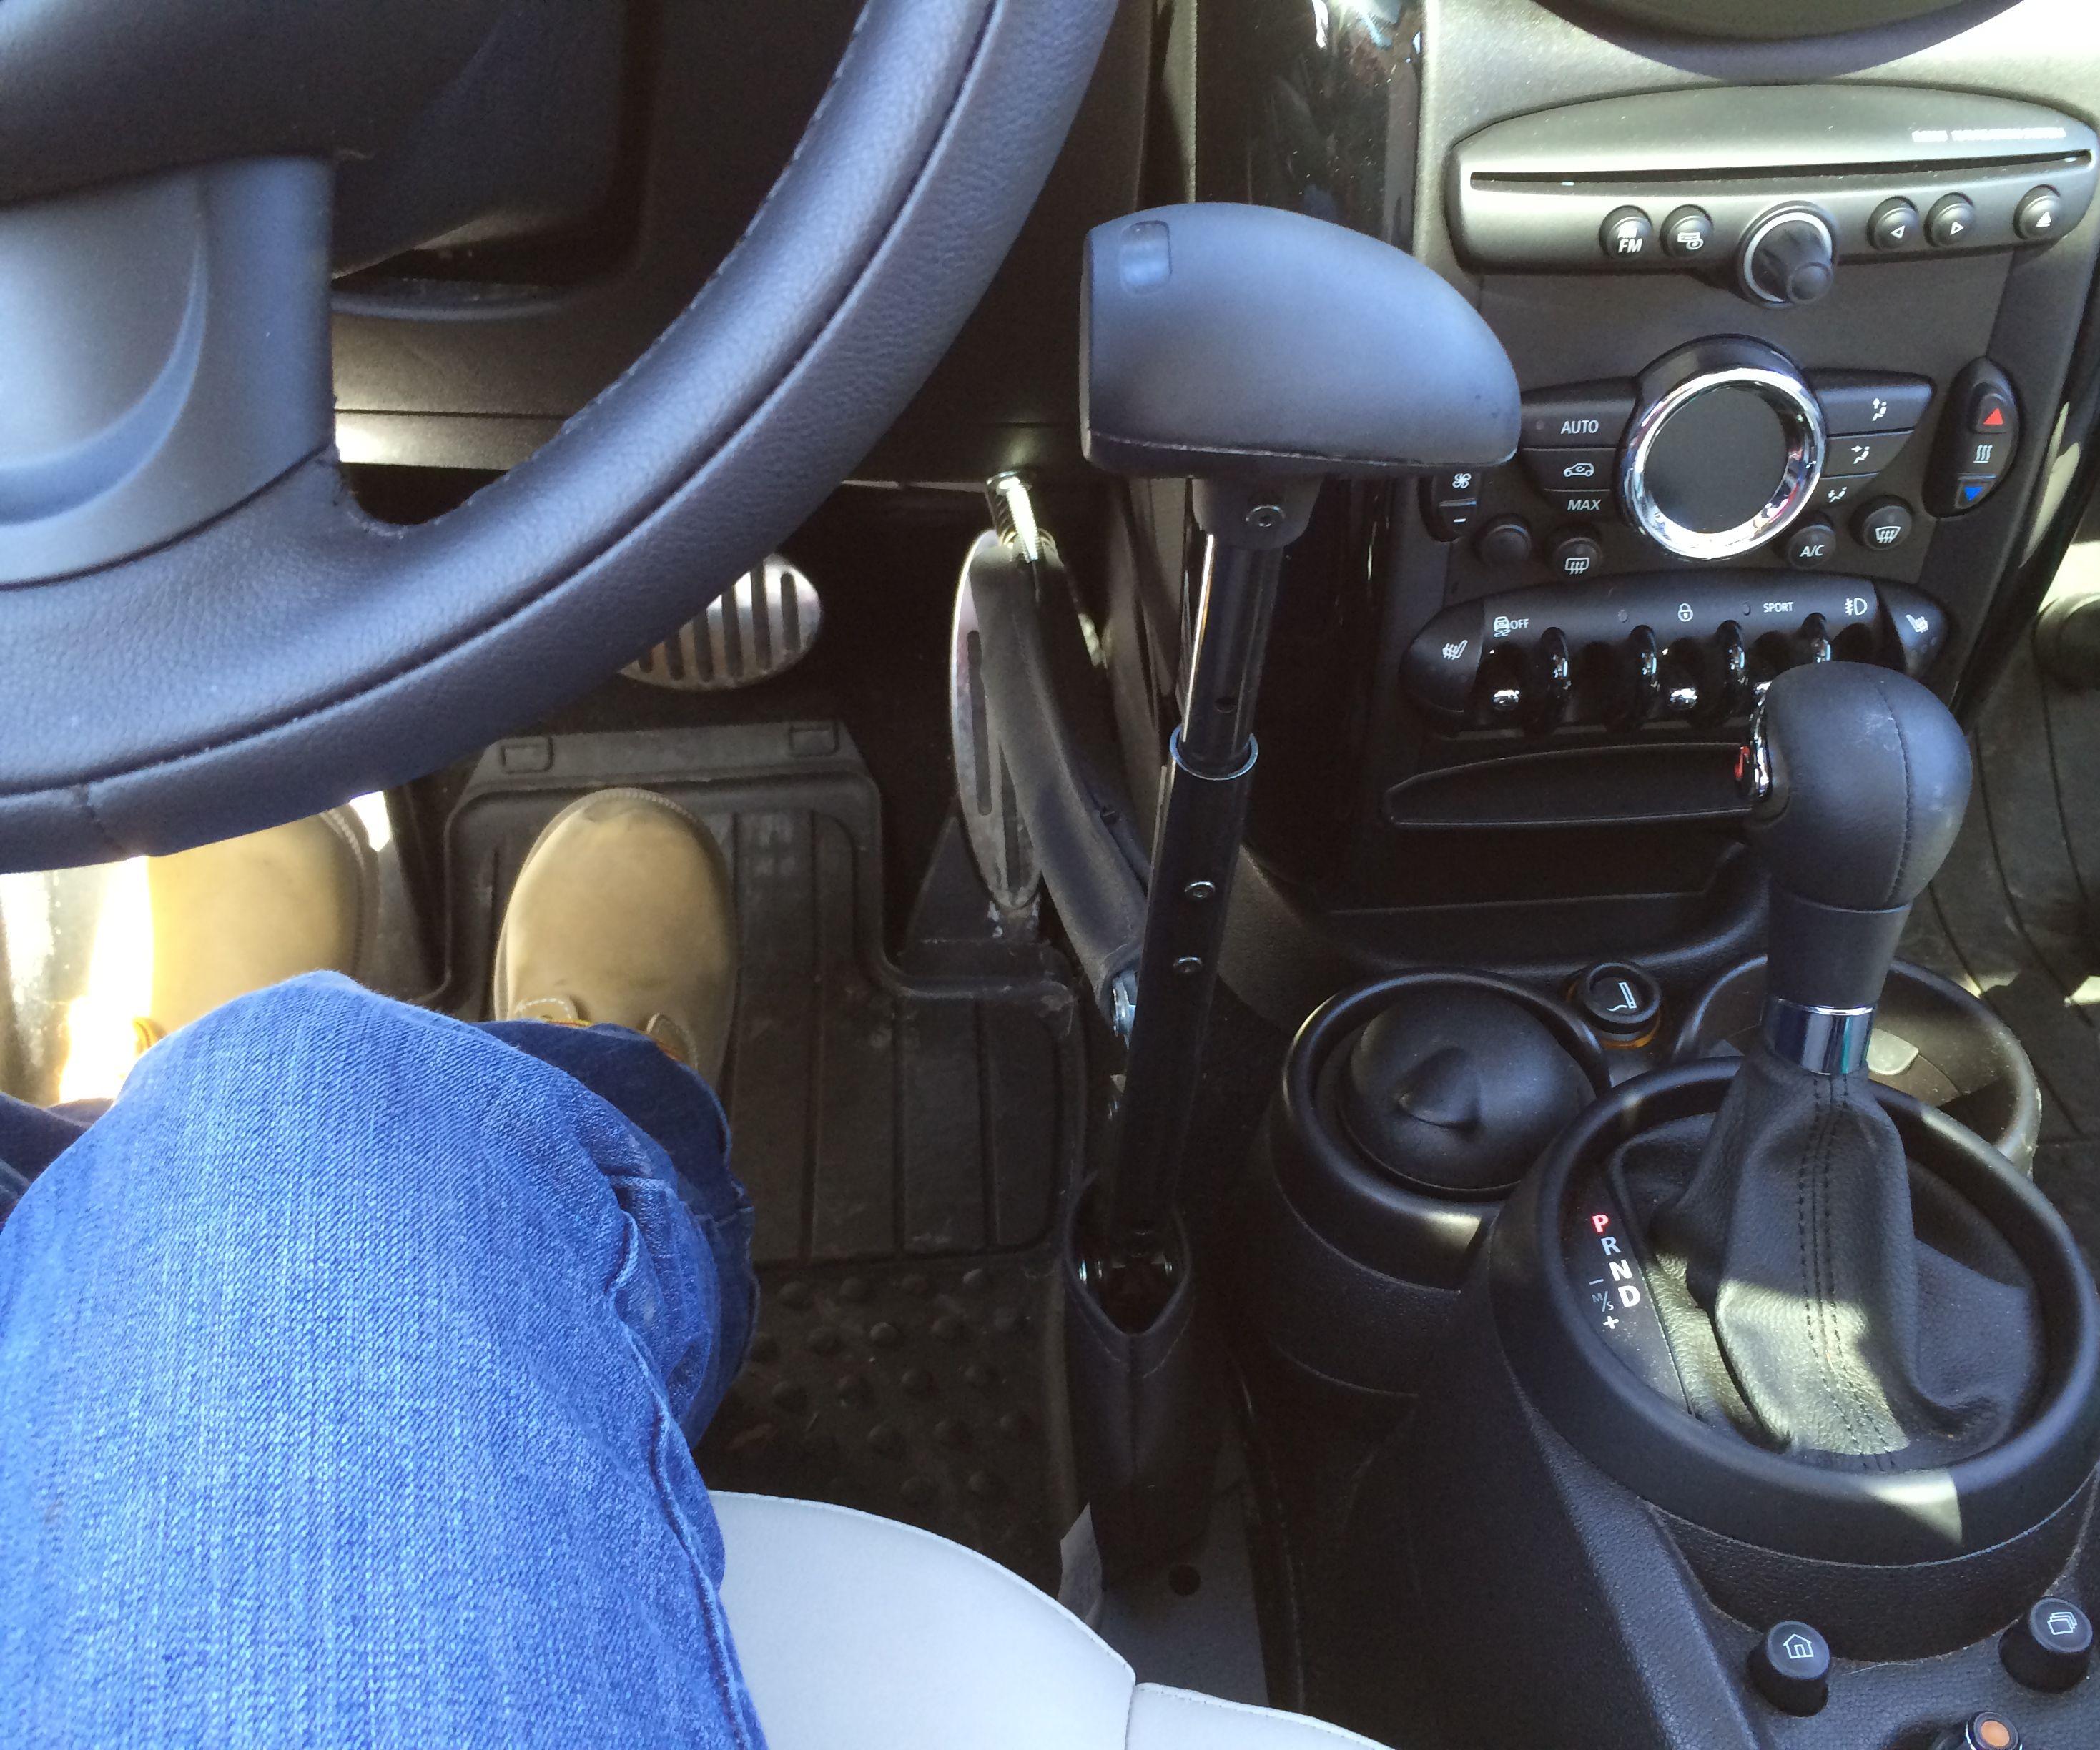 Drive a car with Menox hand controls